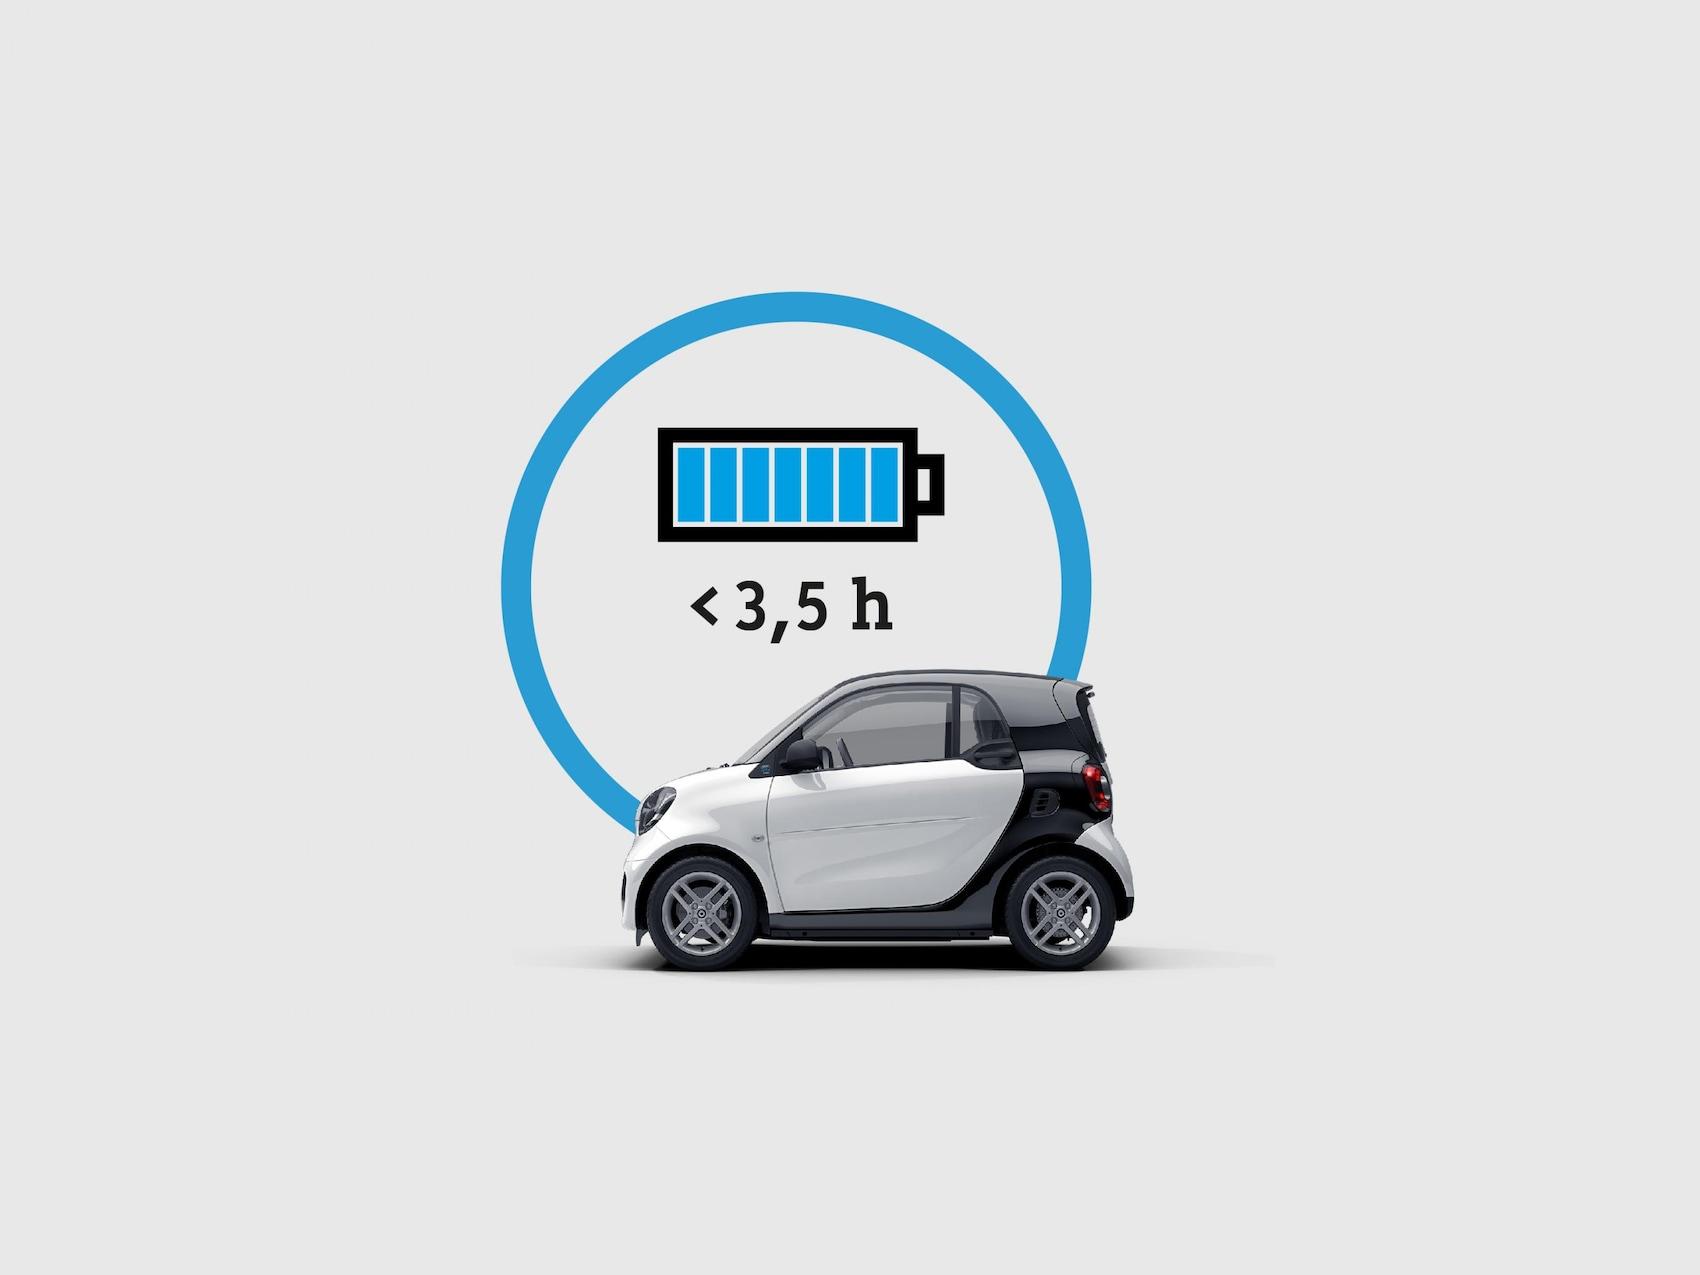 Volledig opgeladen accu die aangeeft dat de smart in '< 3,5h' met de 22kW-oplader oplaadt.